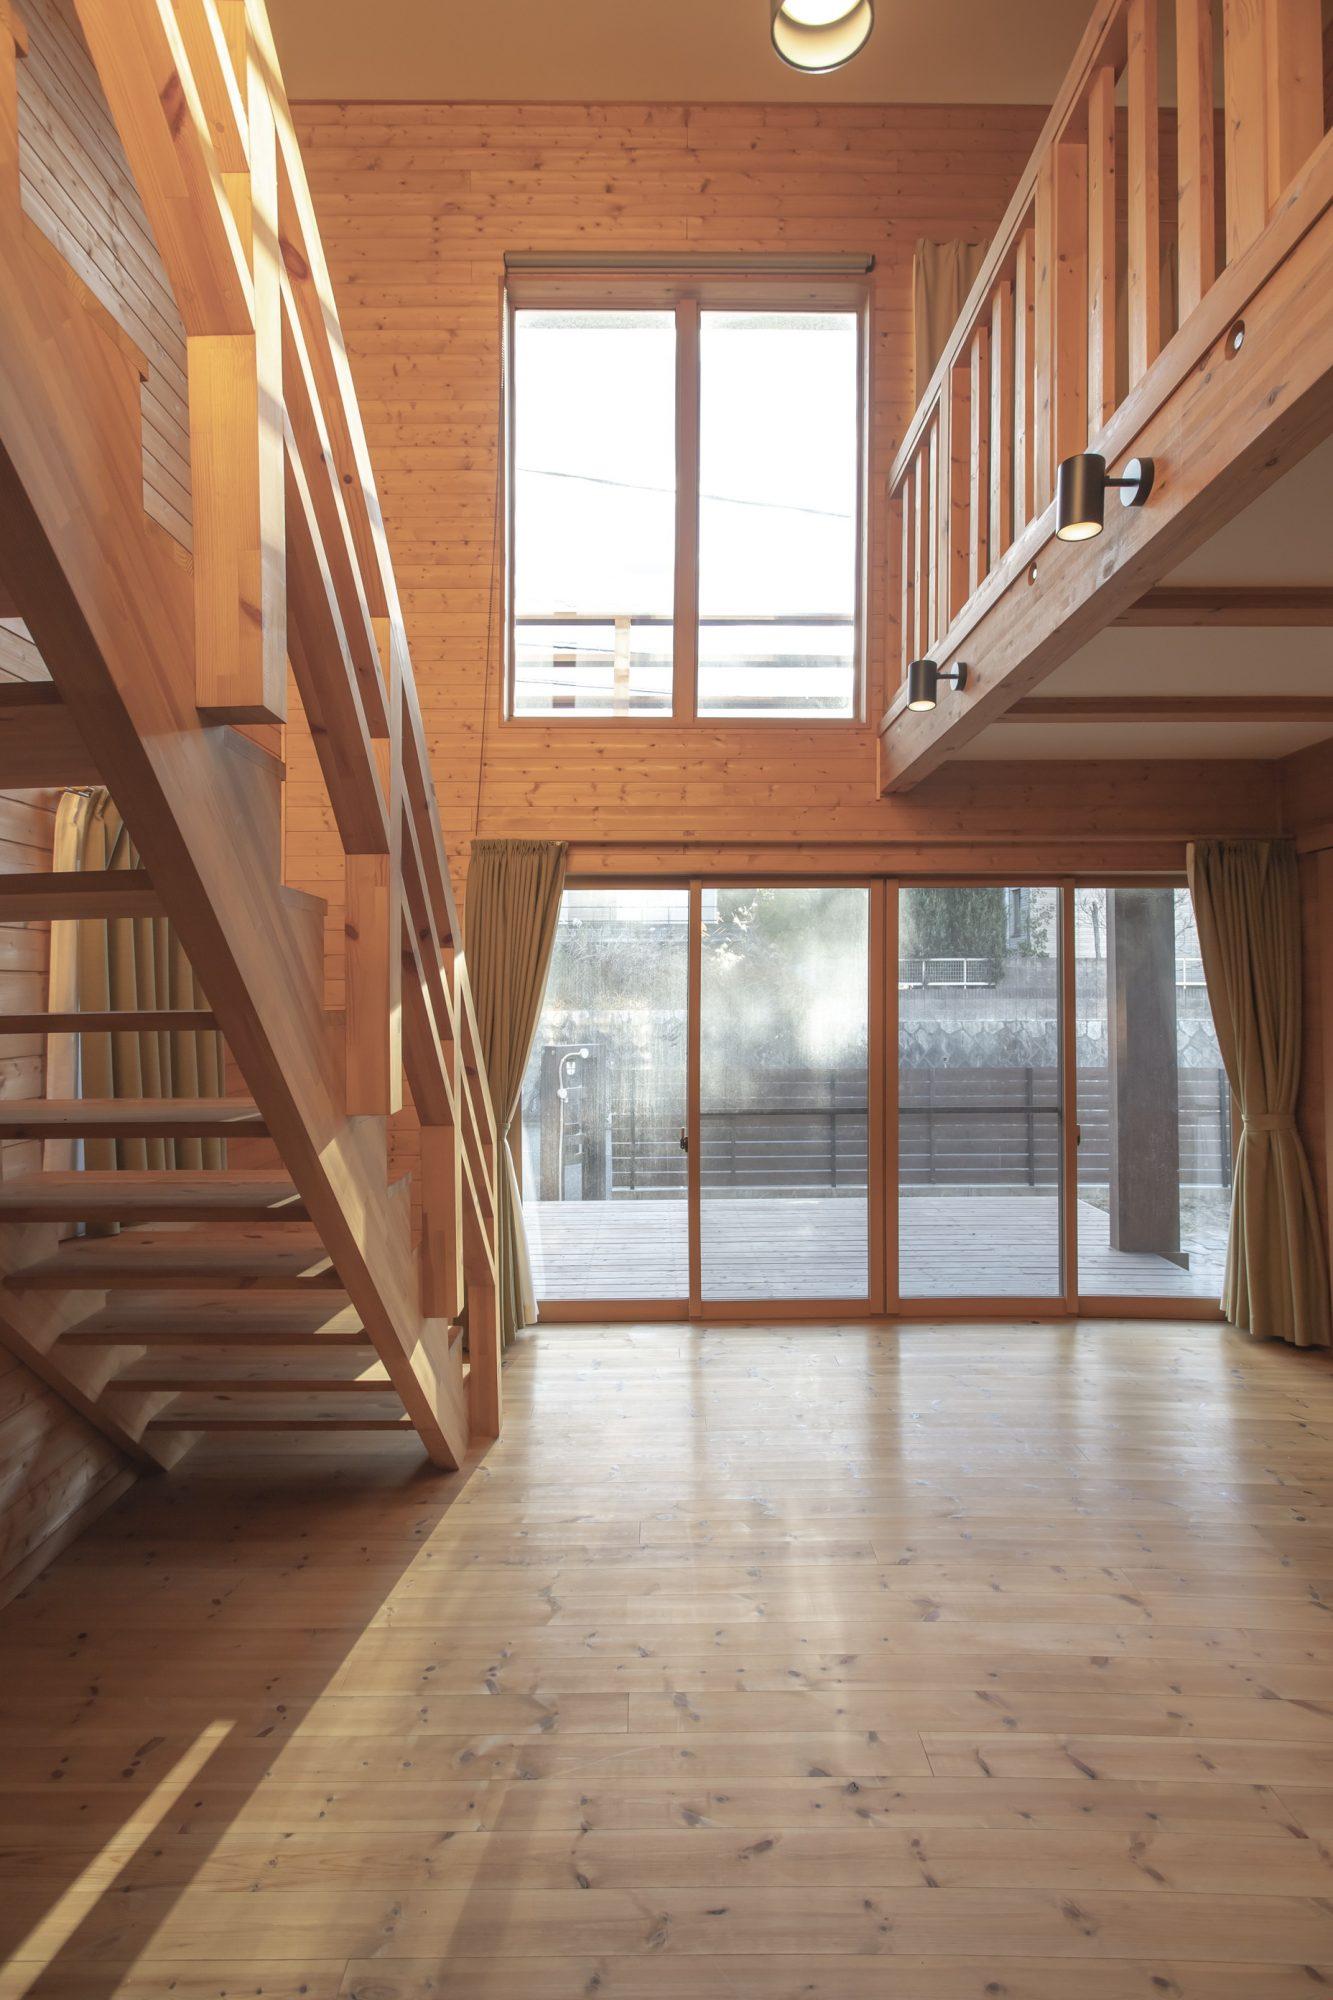 1階2階のコンビネーションサッシから降り注ぐ採光はリビングを明るく演出してくれます♪